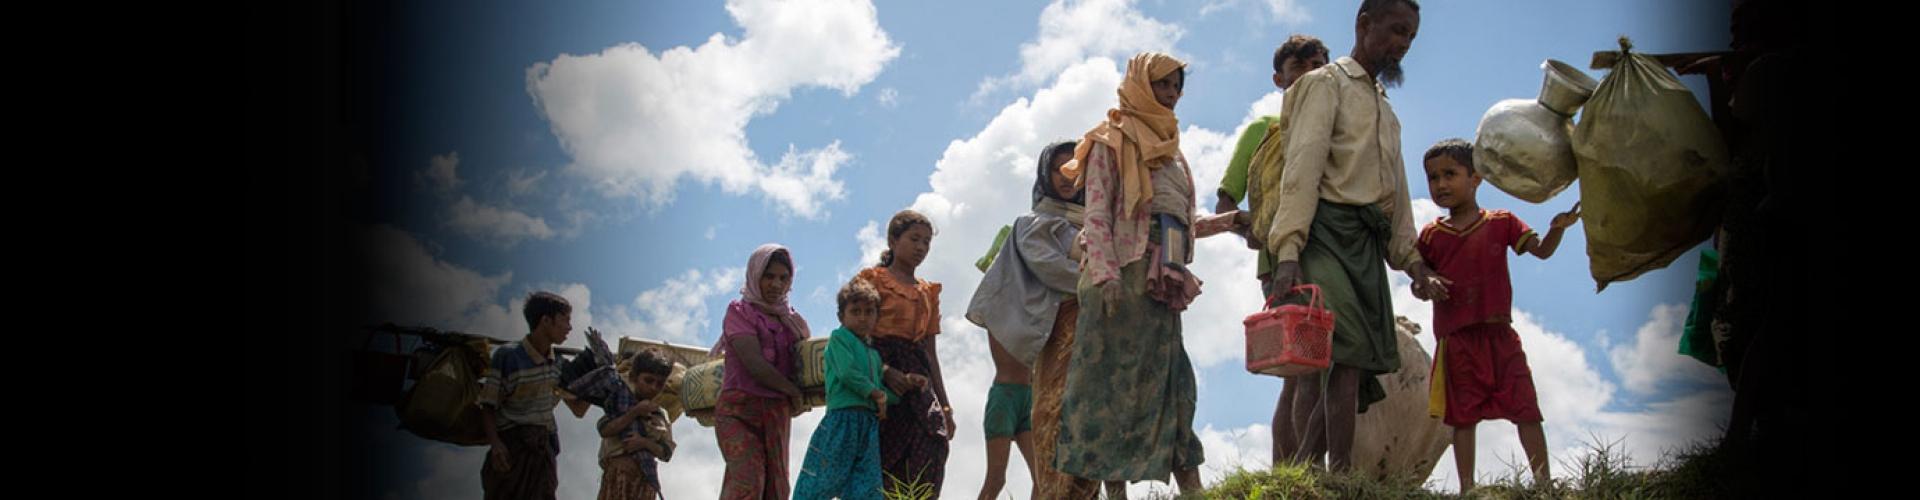 UNHCR และ UNDP เห็นด้วยกับรายละเอียดในบันทึกความเข้าใจในการสนับสนุนการสร้างสภาวะแวดล้อมในการเดินทางกลับบ้านอย่างปลอดภัยของผู้ลี้ภัยชาวโรฮิงญาในกับประเทศเมียนมา